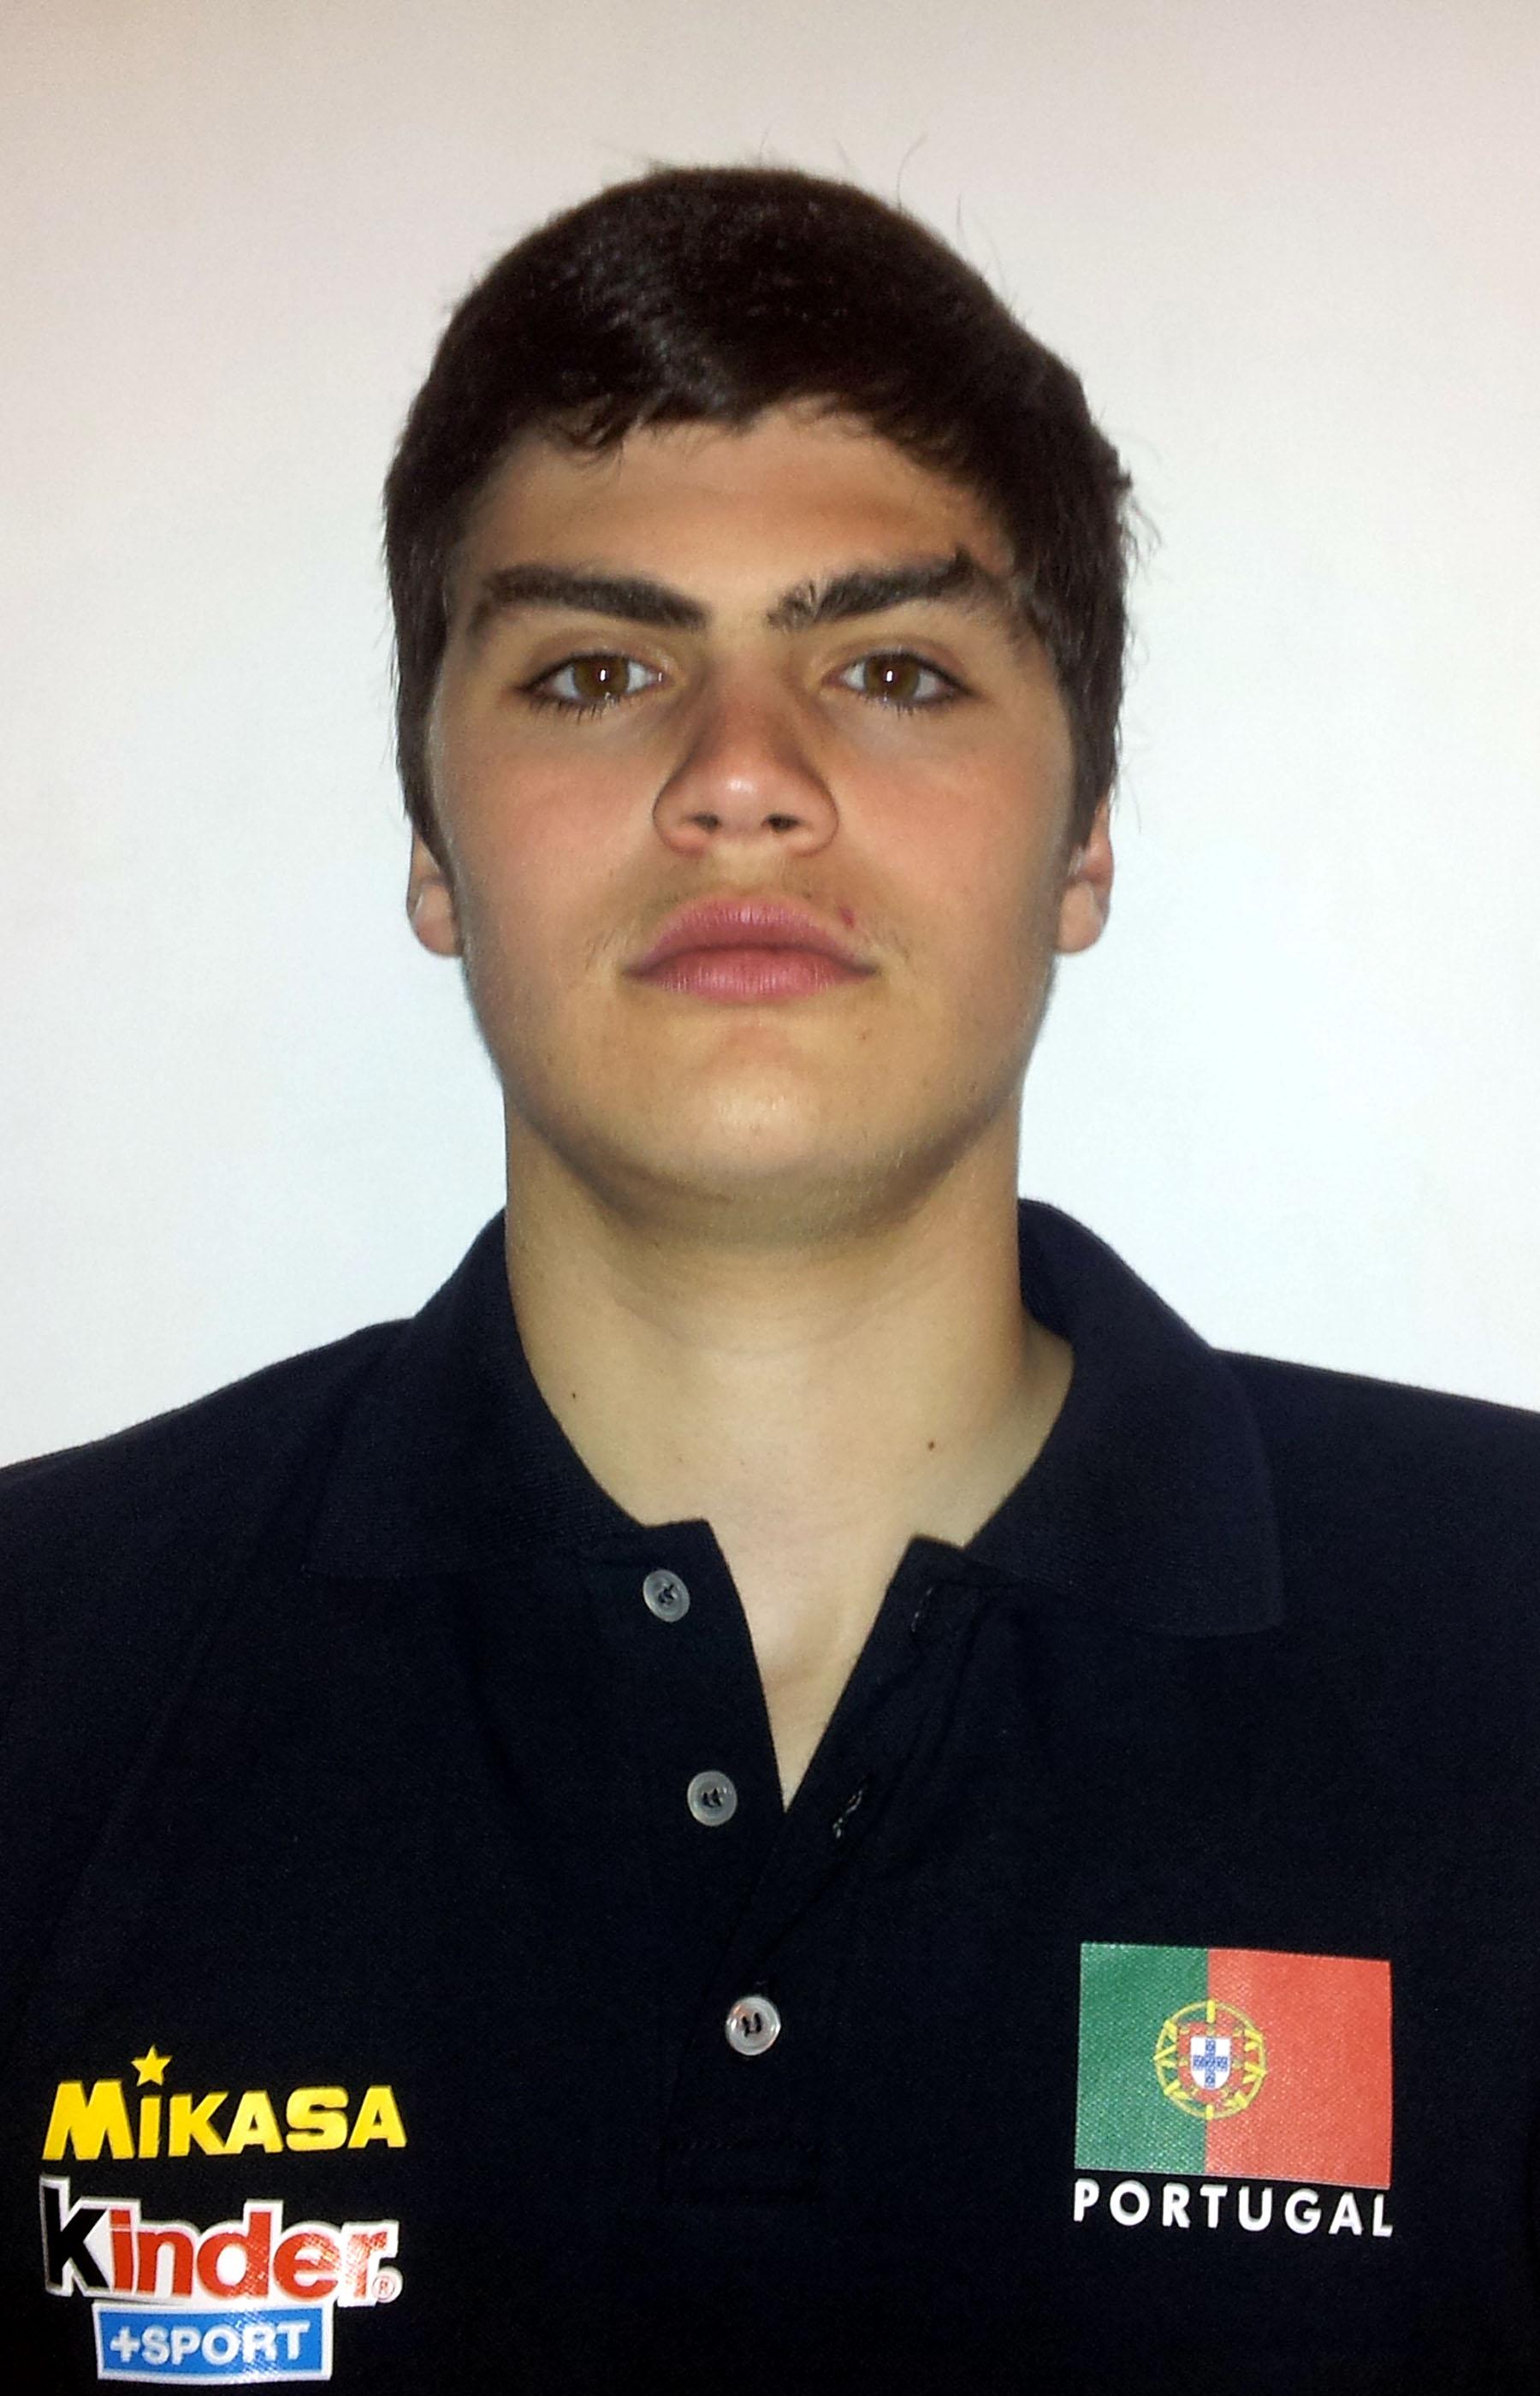 Lourenco Martins